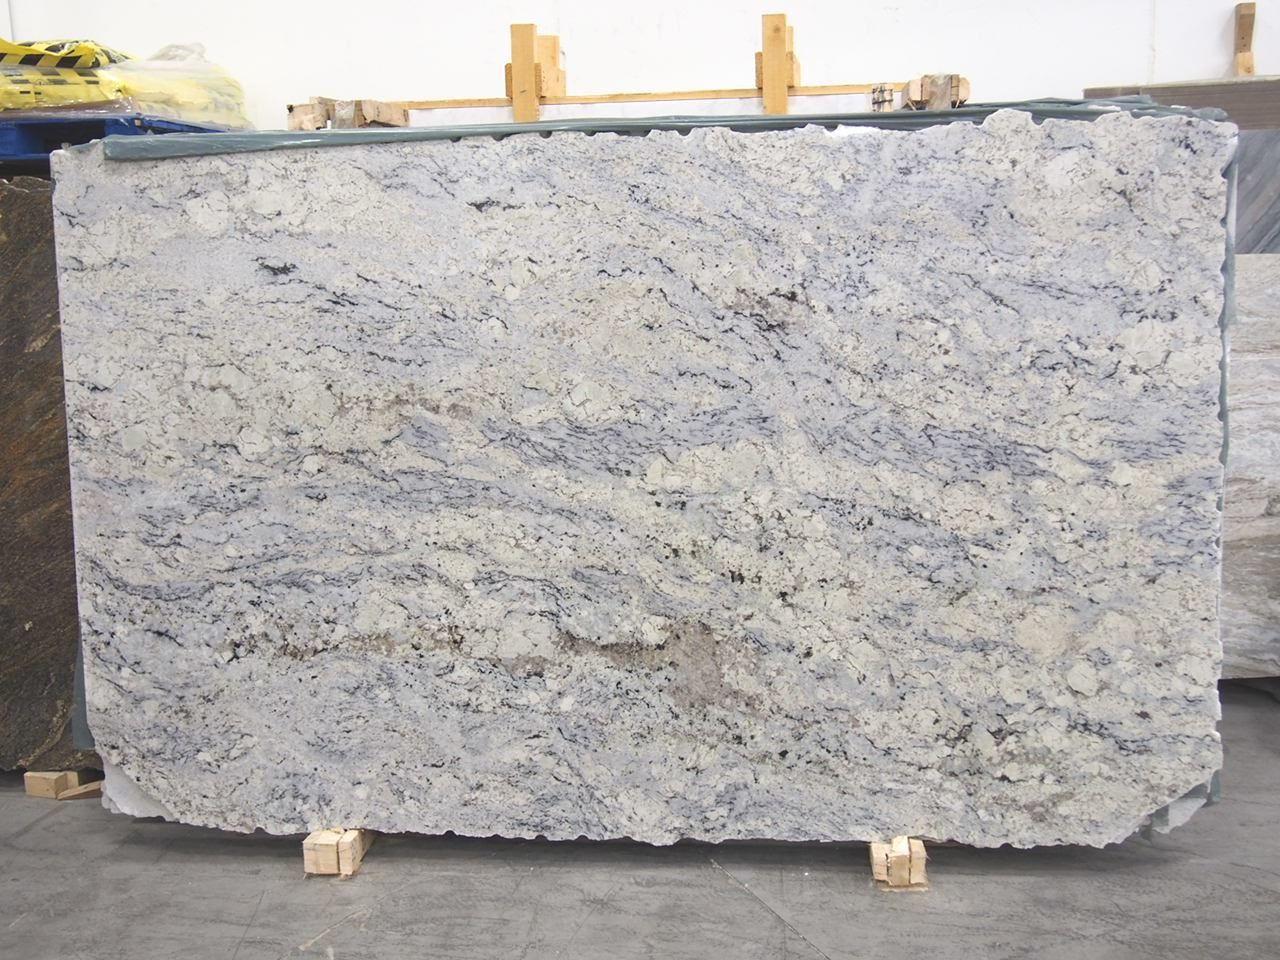 Aspen White Granite Slab Sold By Milestone Marble Size 125 X 76 X 1 1 4 Inches White Granite Slabs White Granite Granite Slab